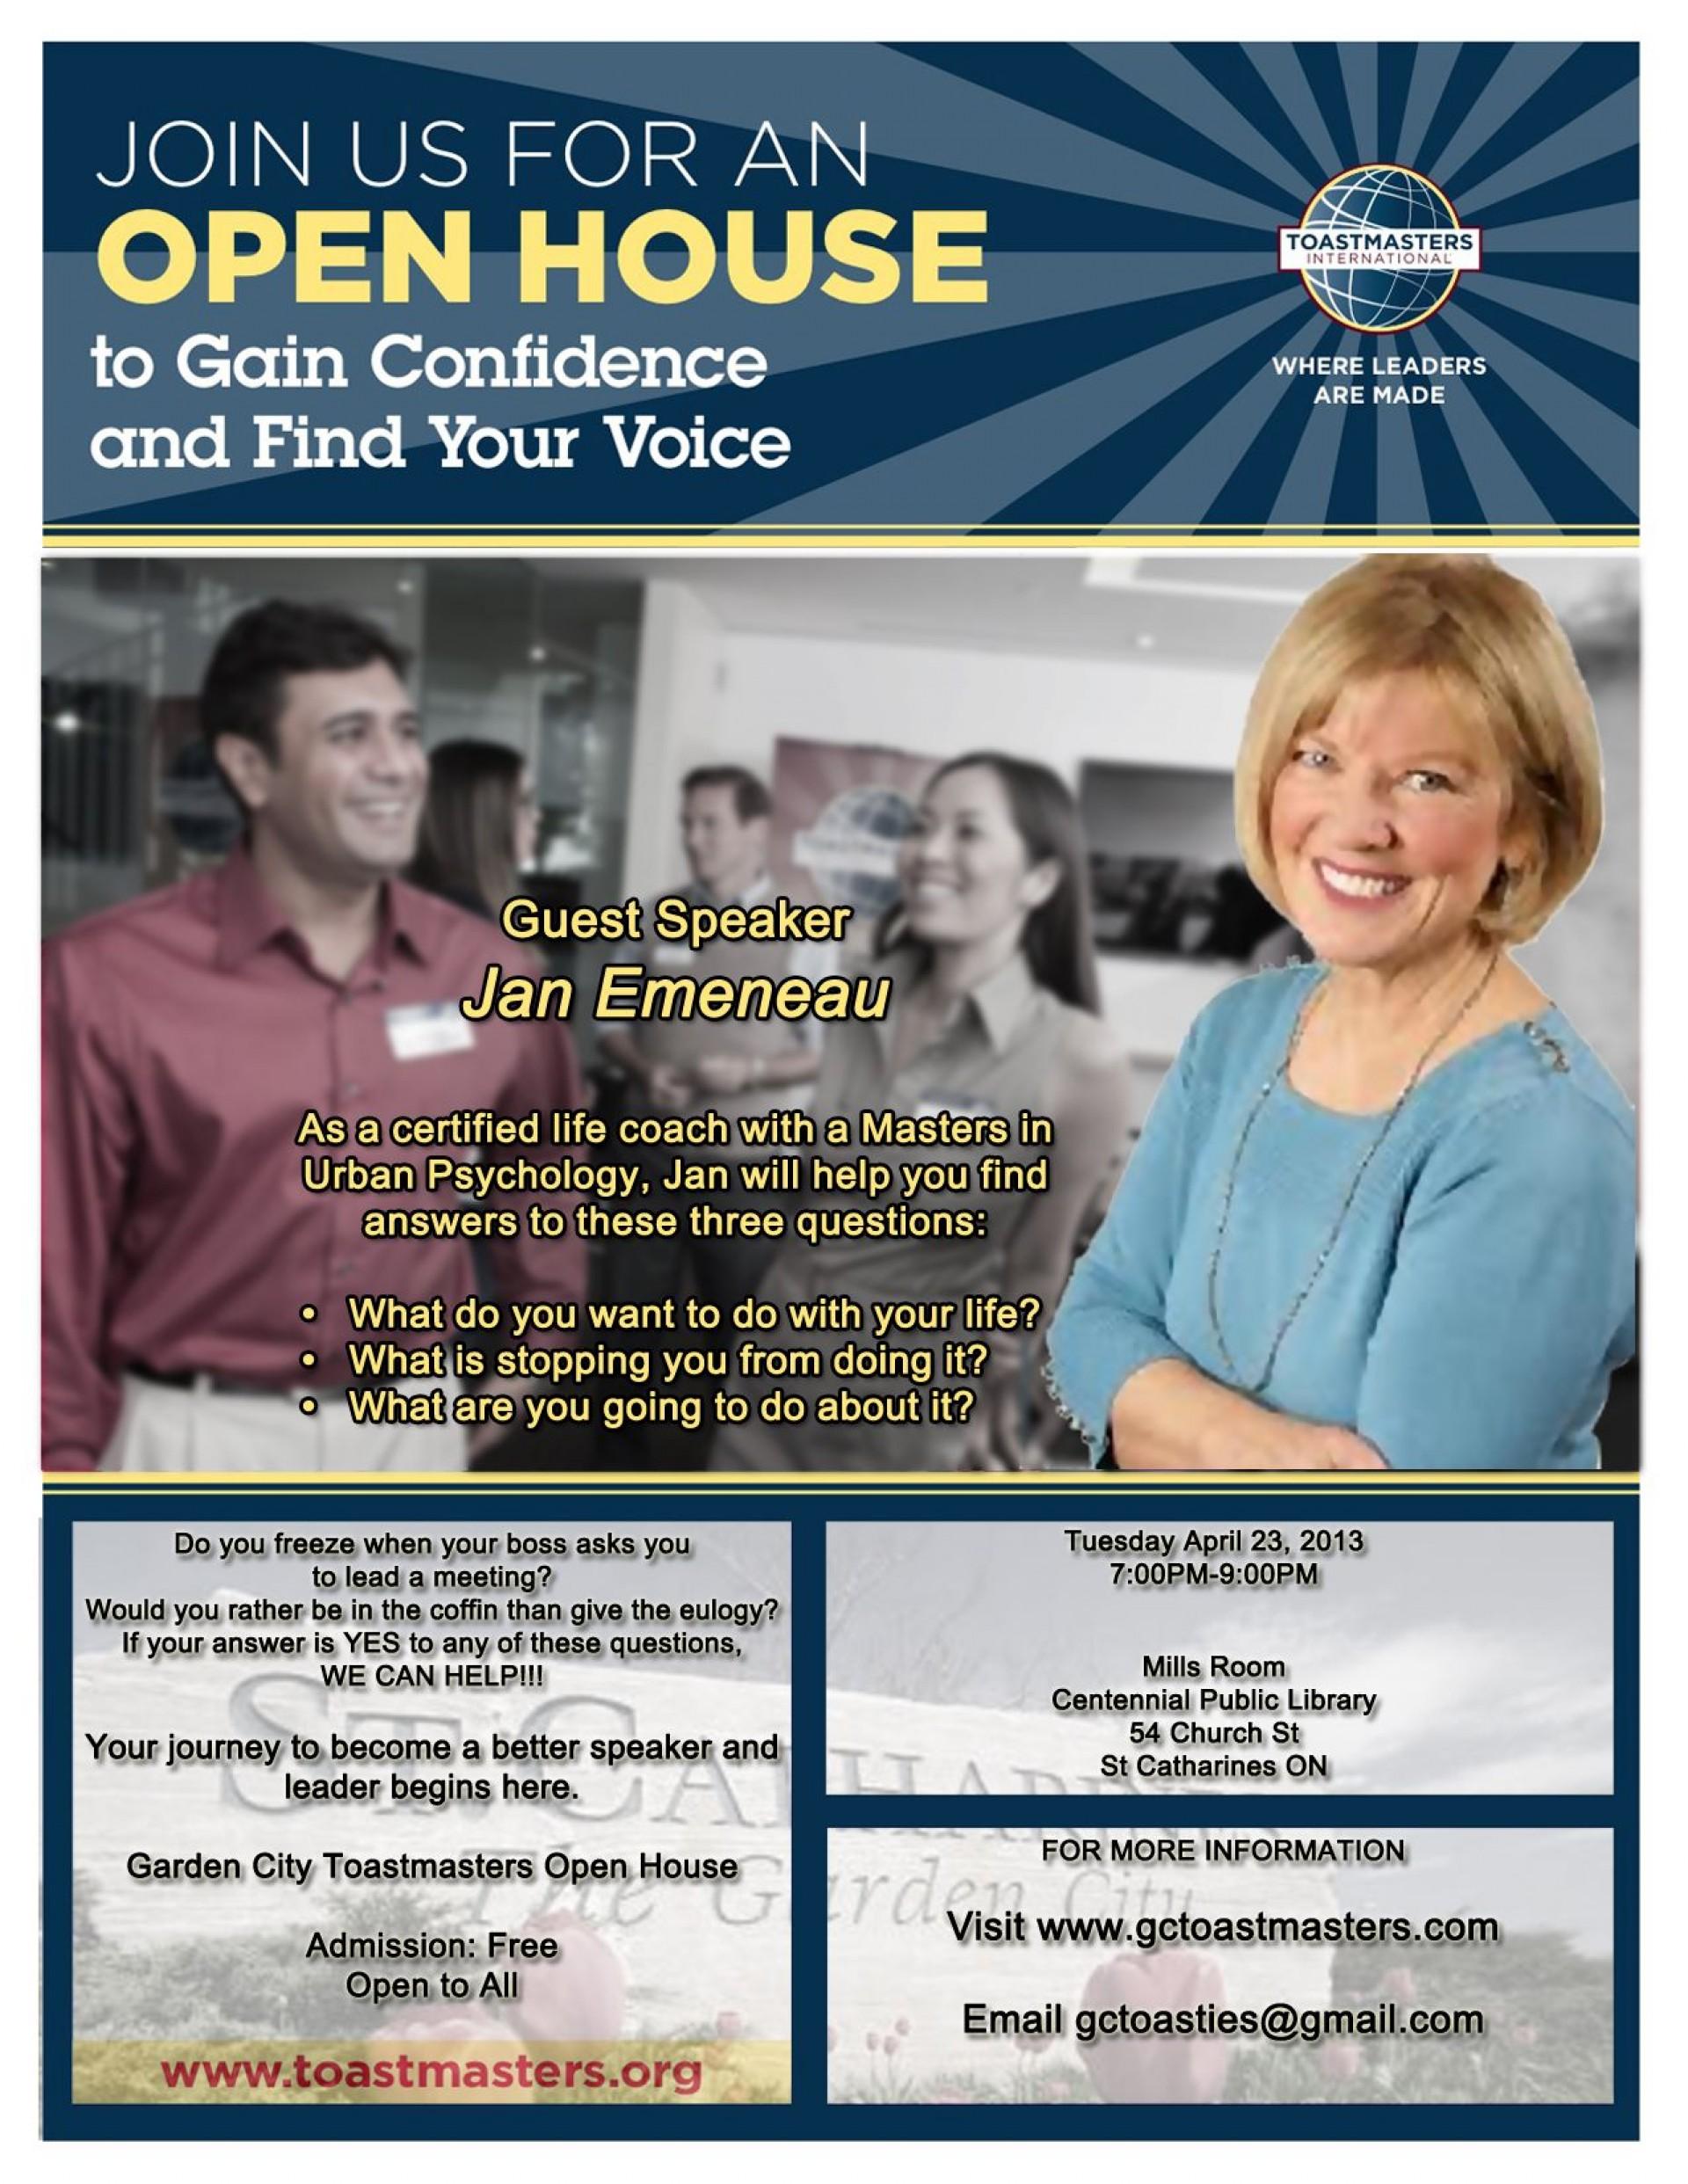 010 Unbelievable Open House Flyer Template Free Sample  School Microsoft Word Preschool1920